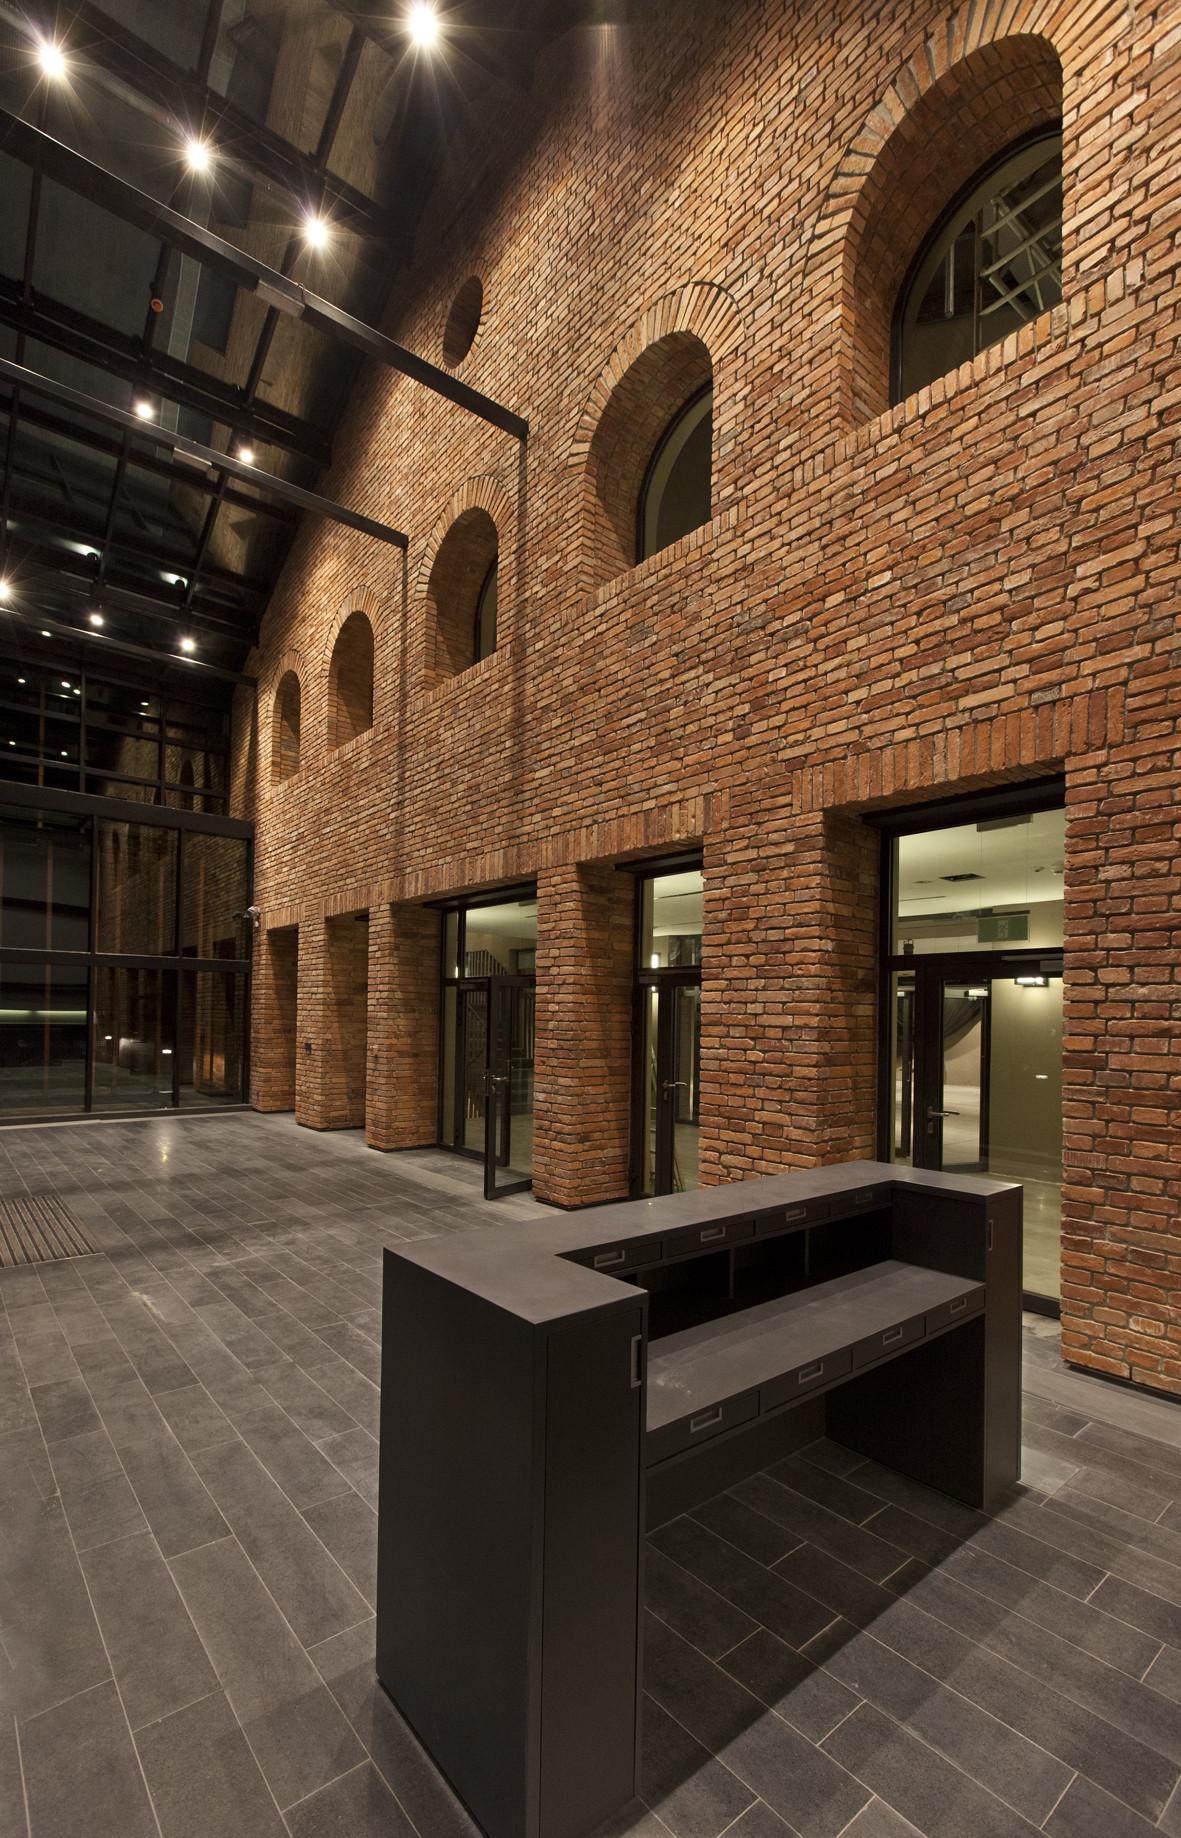 Małopolska Garden of Arts / Ingarden & Ewý Architects